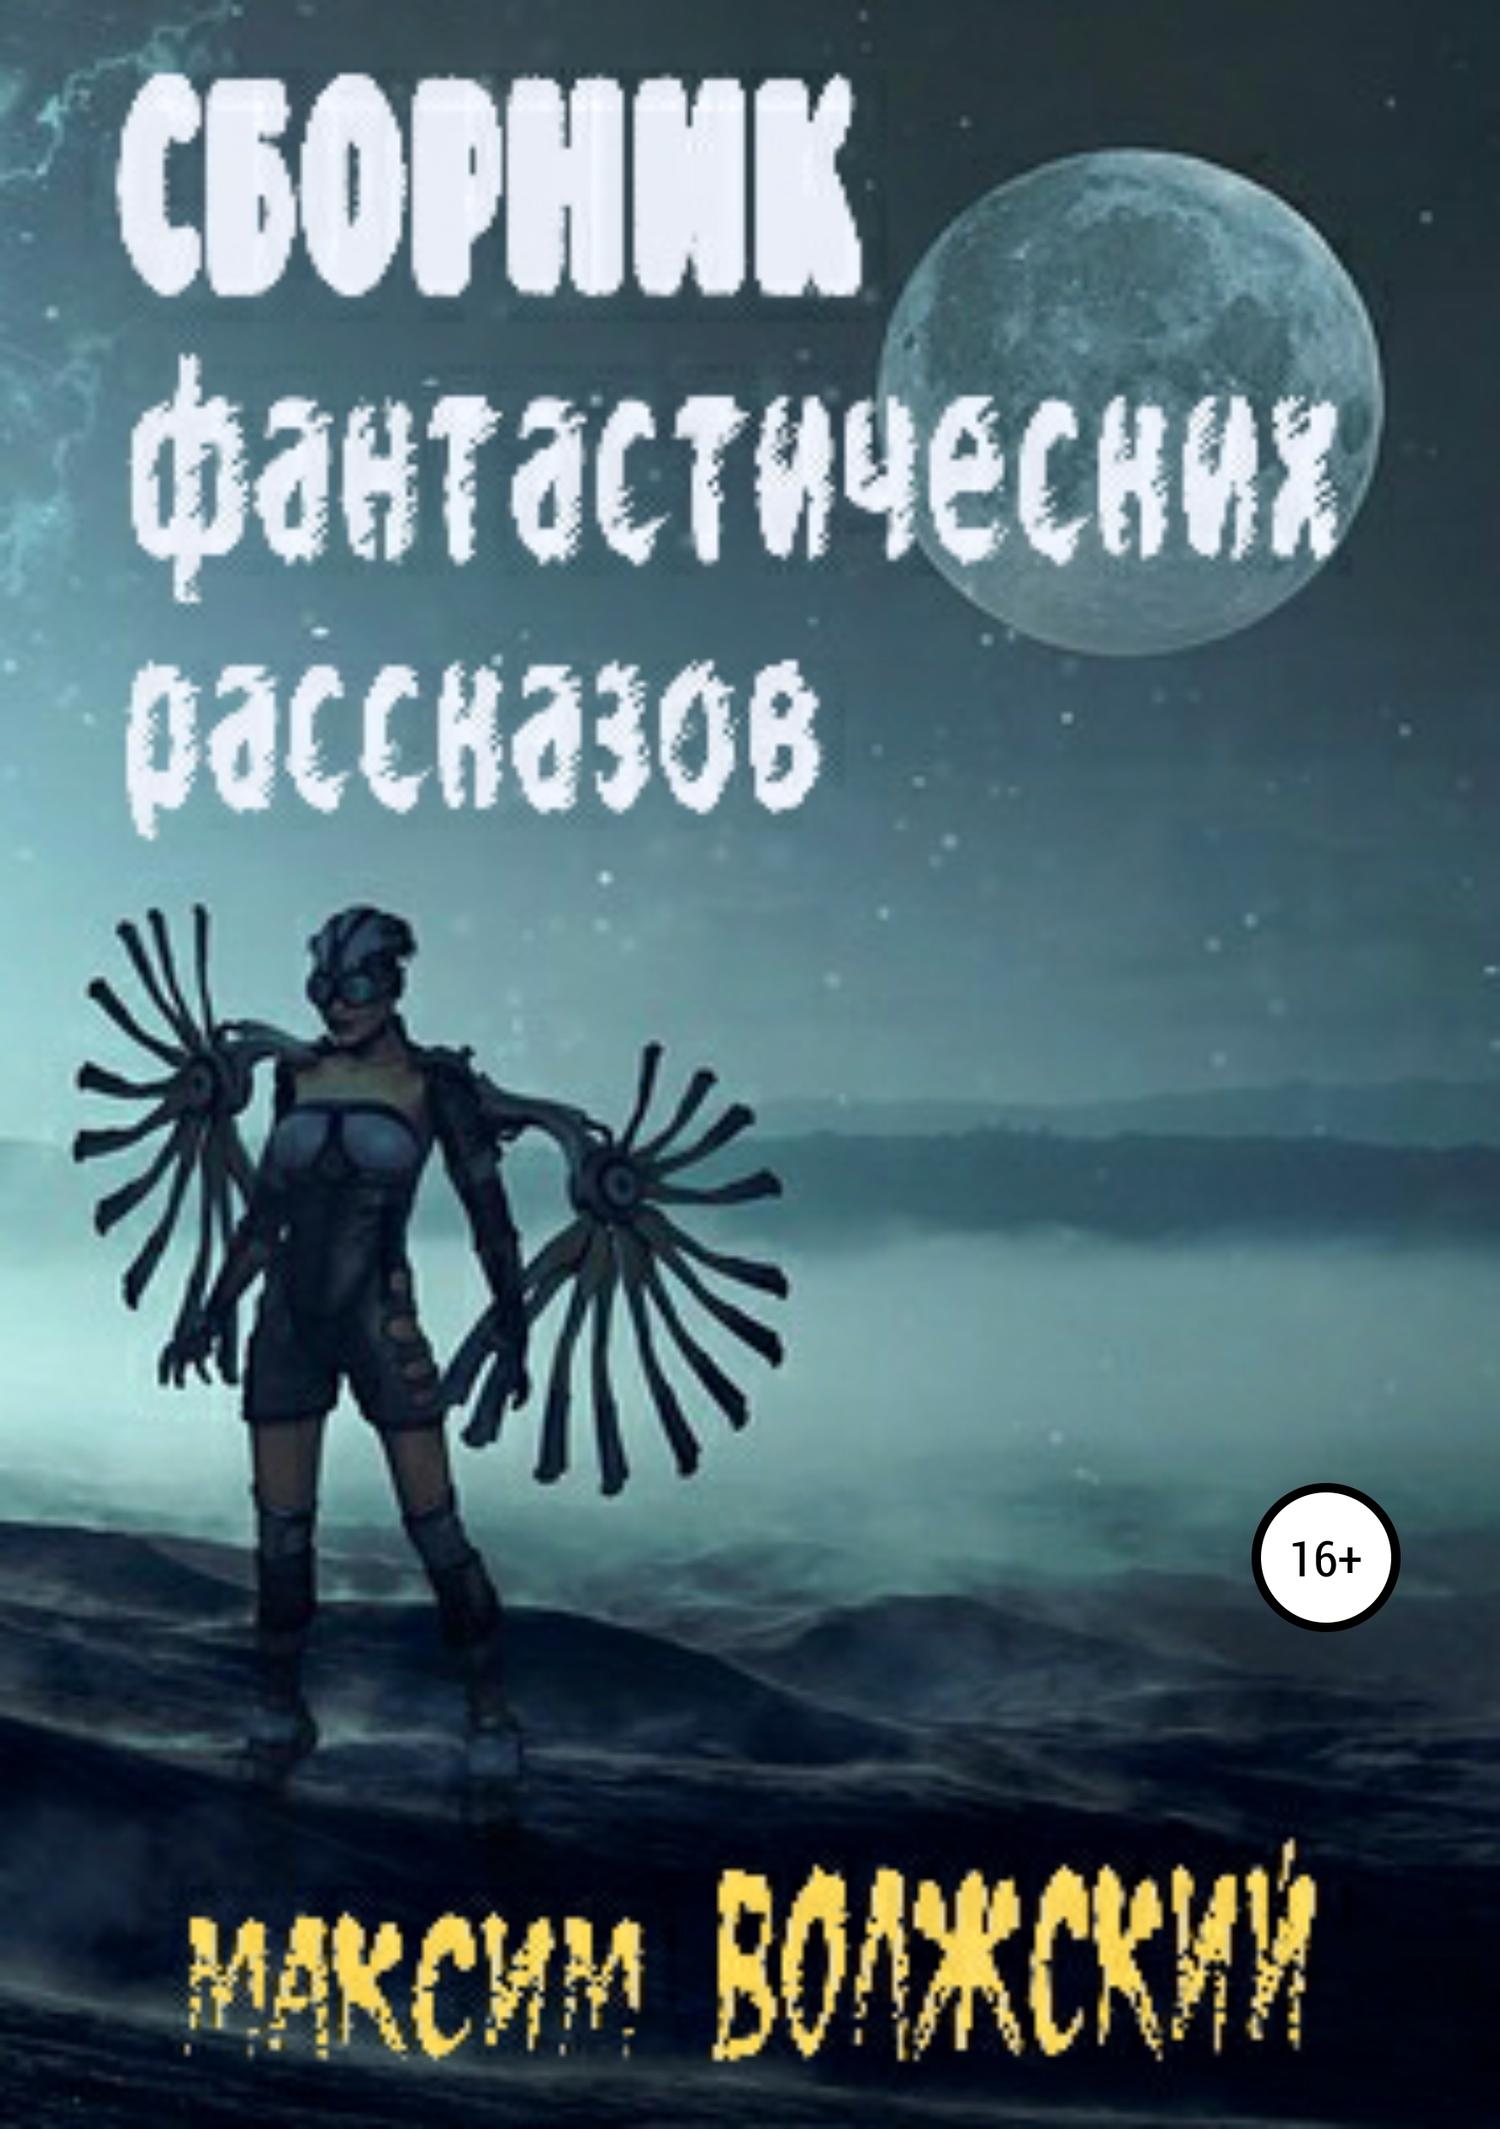 Сборник фантастических рассказов Максима Волжского